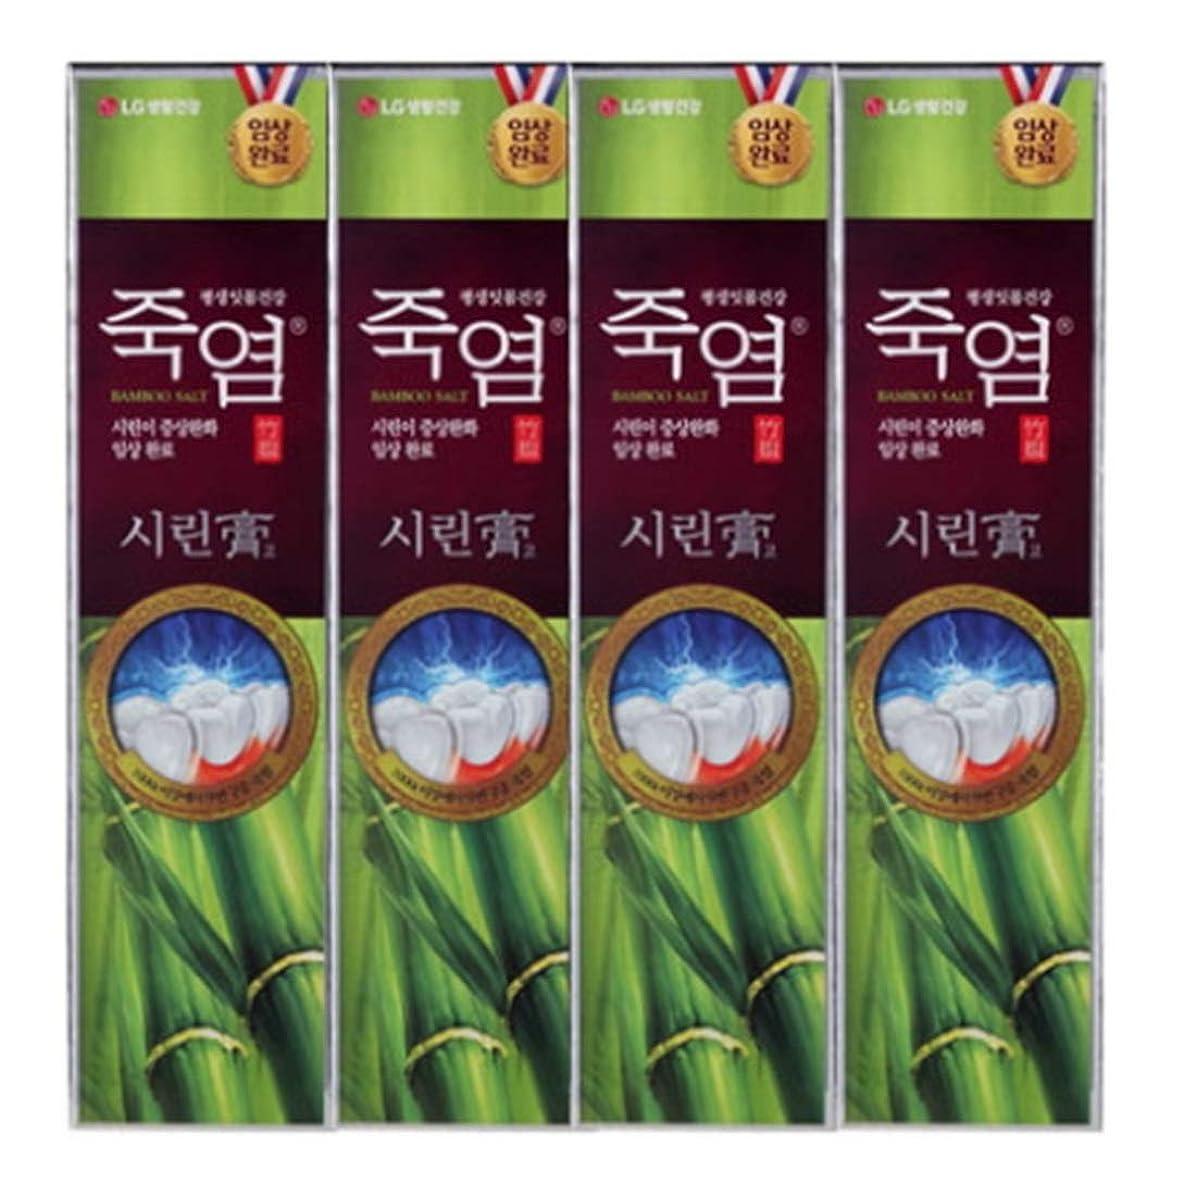 試す帝国取り組む[LG Care/LG生活健康]竹塩歯磨き粉つぶれて歯茎を健康に120g x4ea/歯磨きセットスペシャル?リミテッドToothpaste Set Special Limited Korea(海外直送品)